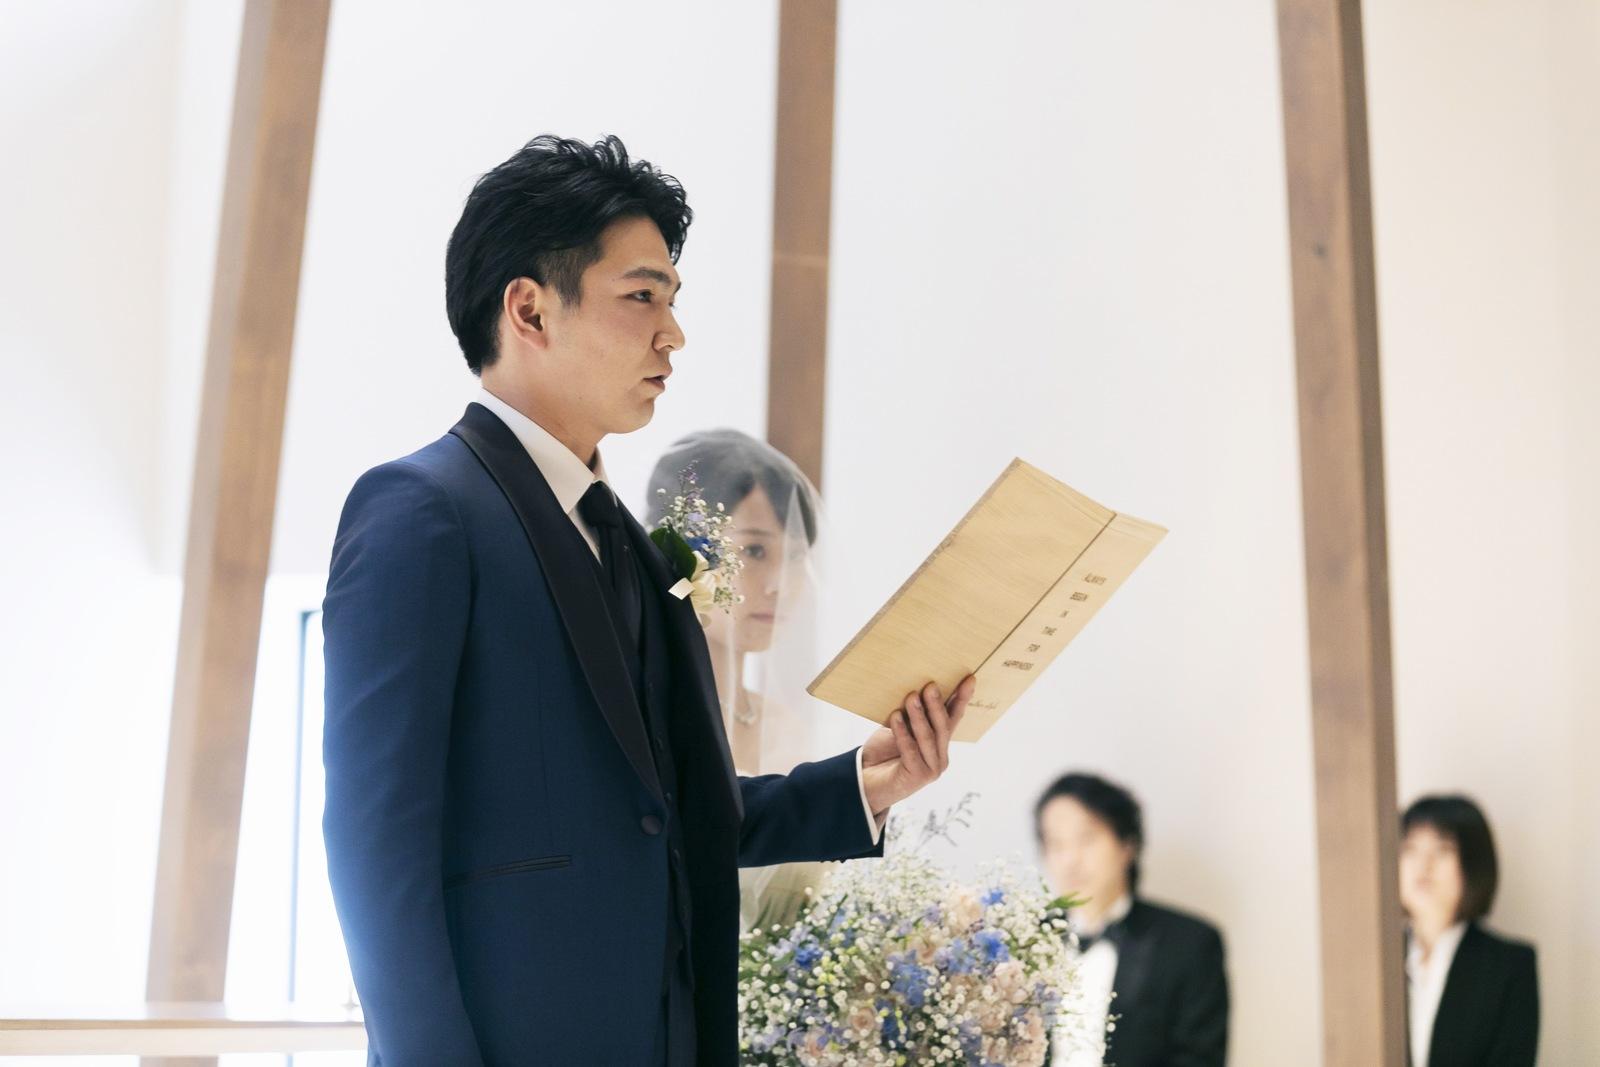 香川県高松市の結婚式場アナザースタイルの挙式で誓いの言葉を読む